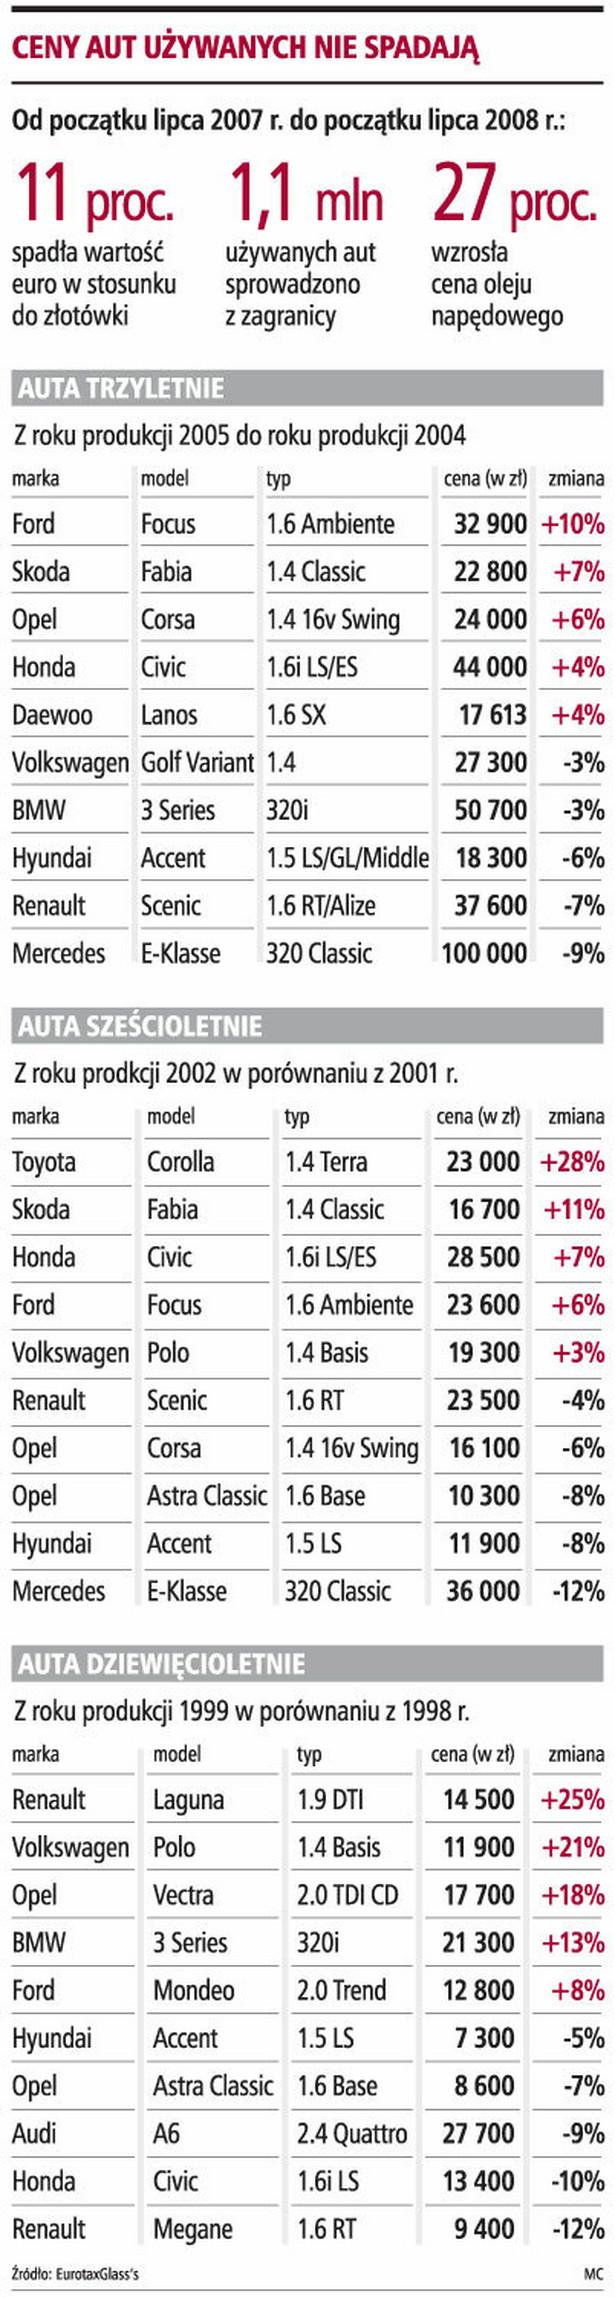 Ceny aut używanych nie spadają